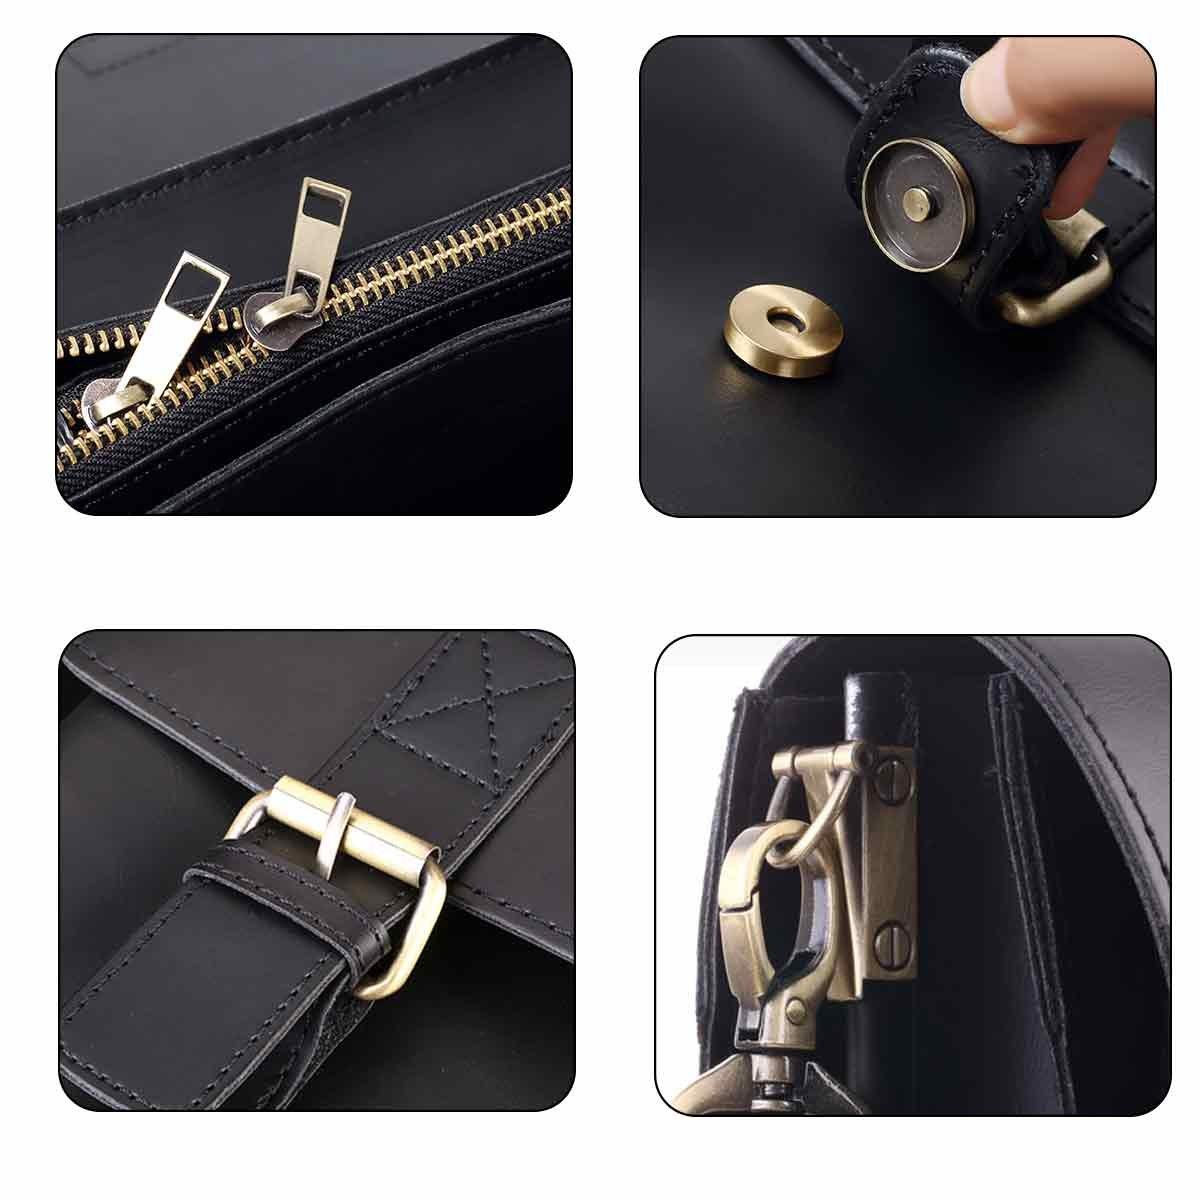 JAKAGO 14.6 Inch Vintage PU Leather Briefcase Laptop Shoulder Messenger Bag Tote School Distressed Bag for Women and Men by JAKAGO (Image #6)